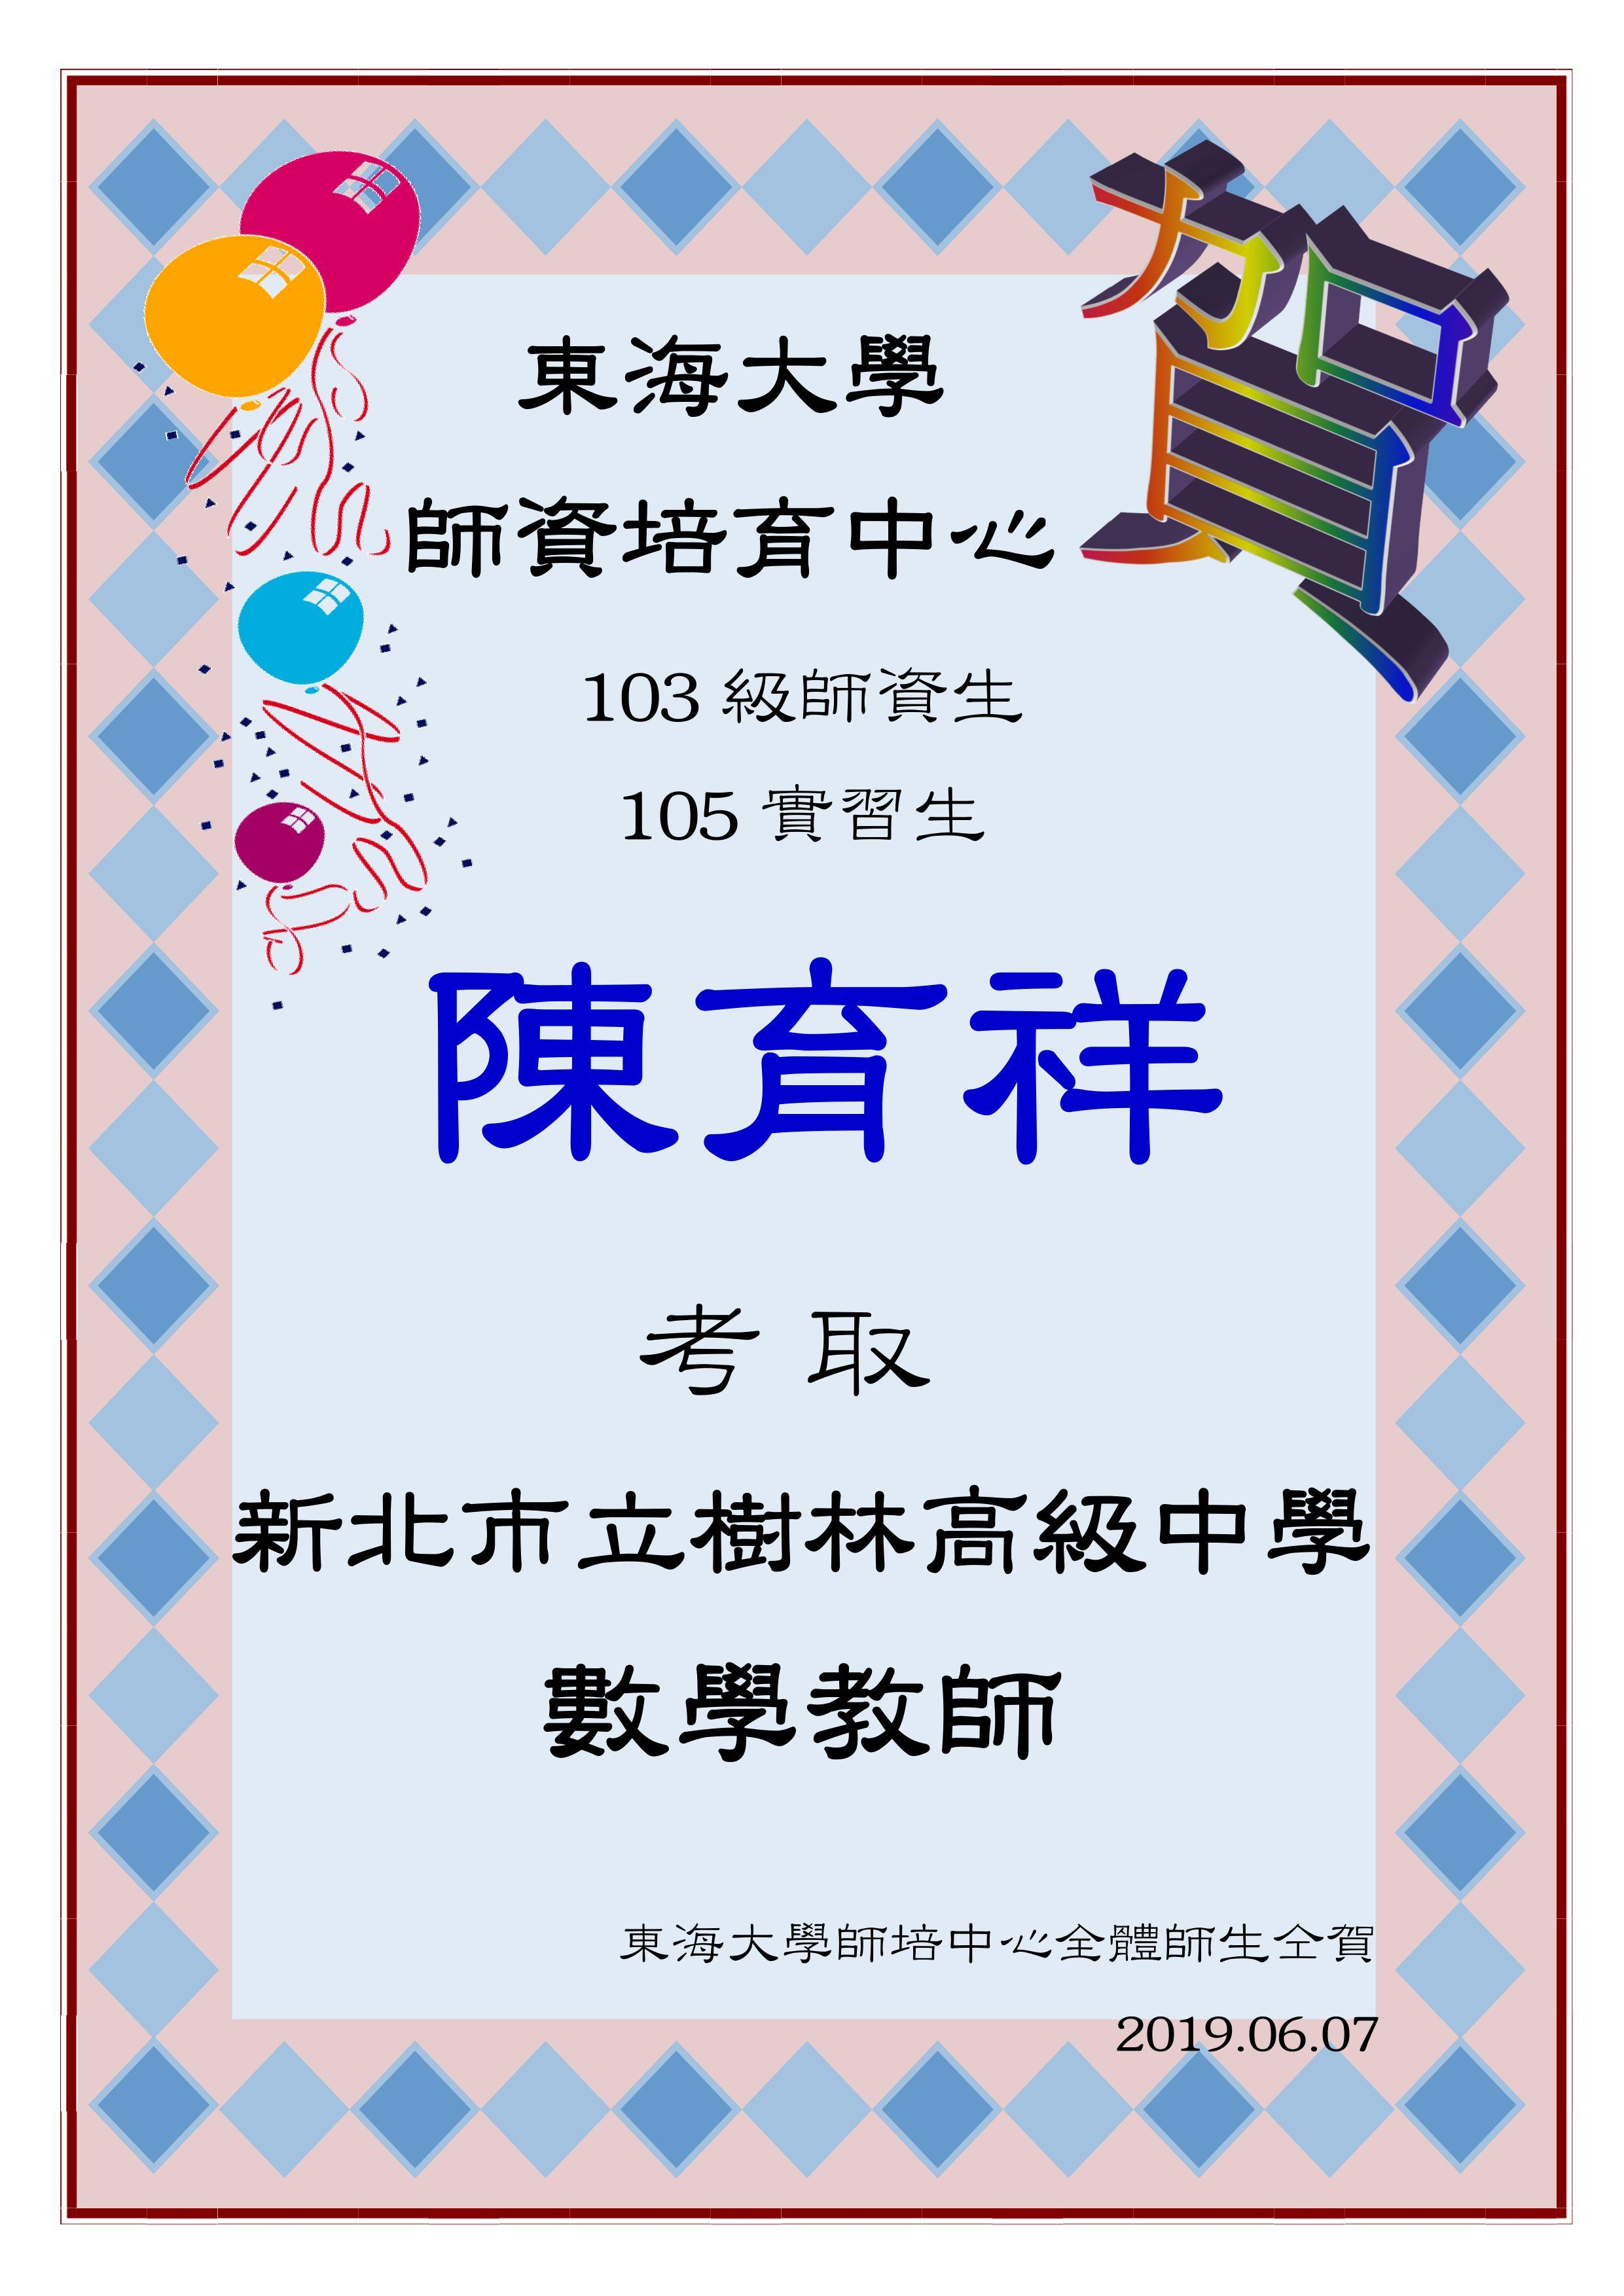 賀~本中心103級師資生陳育祥錄取新北市立樹林高級中學數學教師